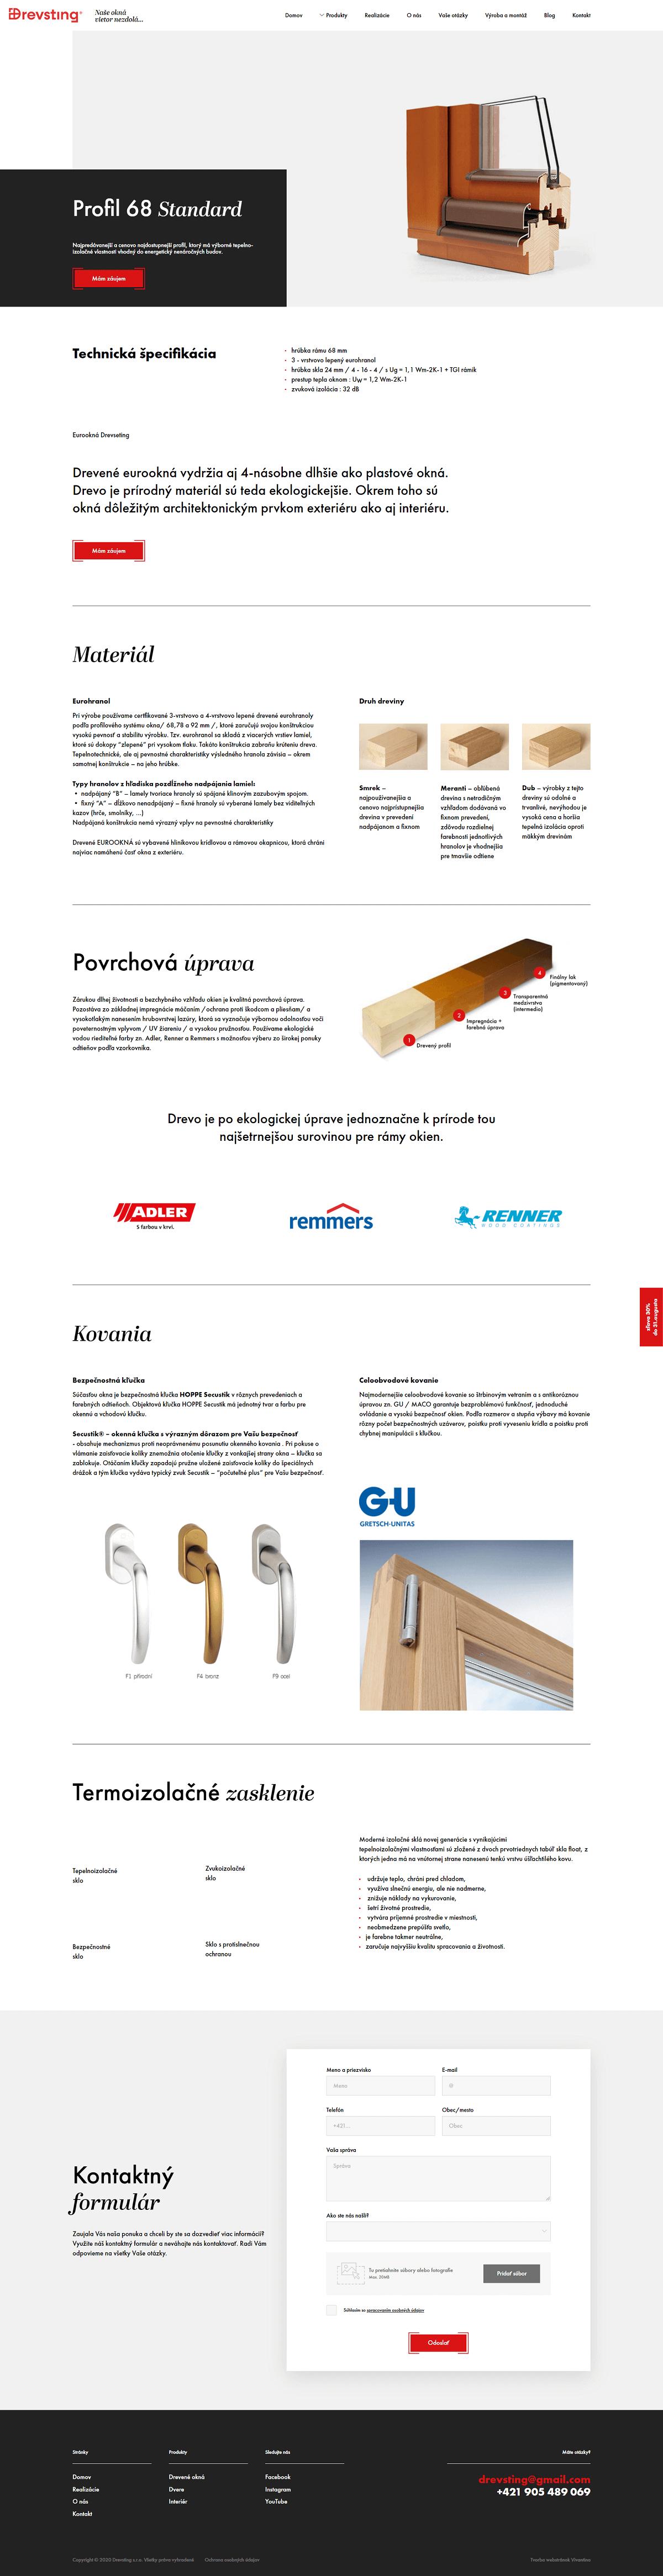 drevsting product page design